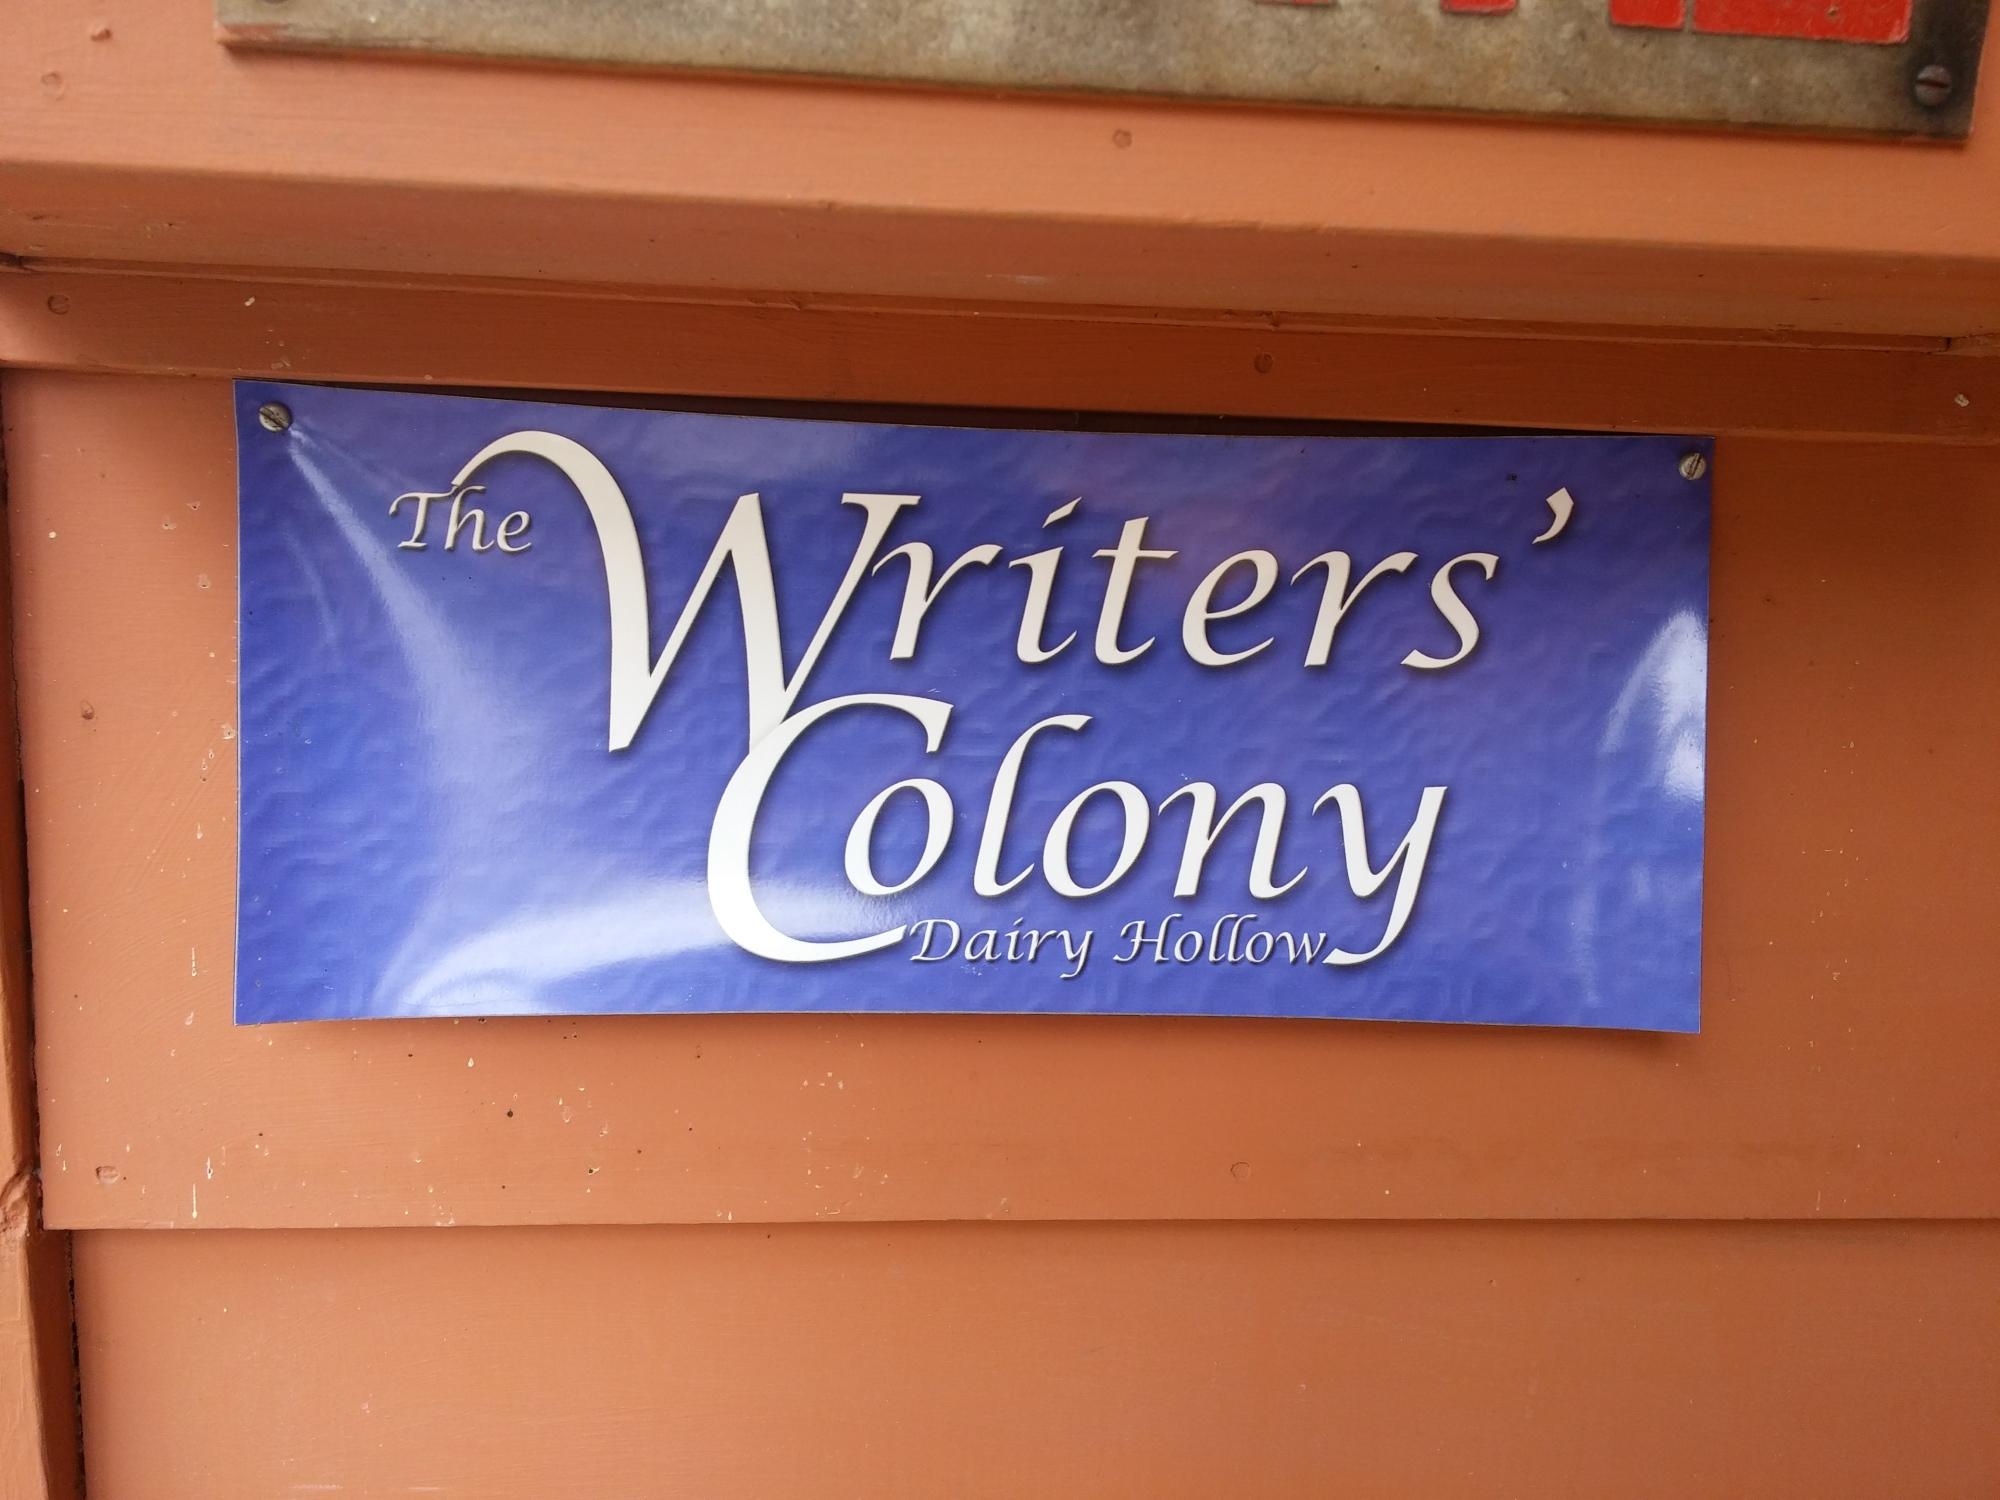 writer's colony, dairy hollow, eureka springs, arkansas